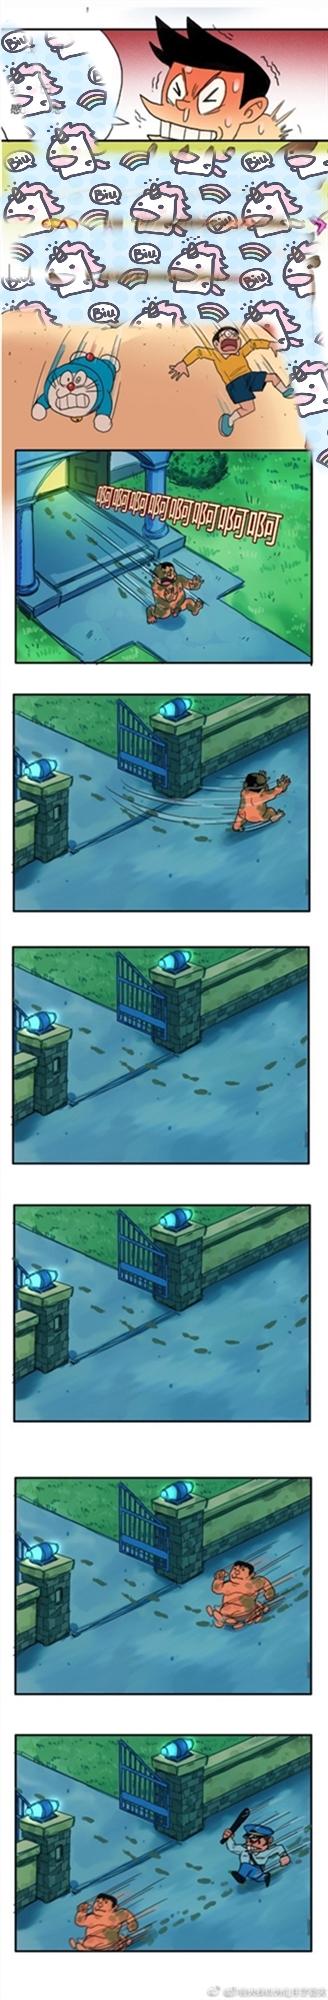 《微博》哆啦A梦六张图梗介绍